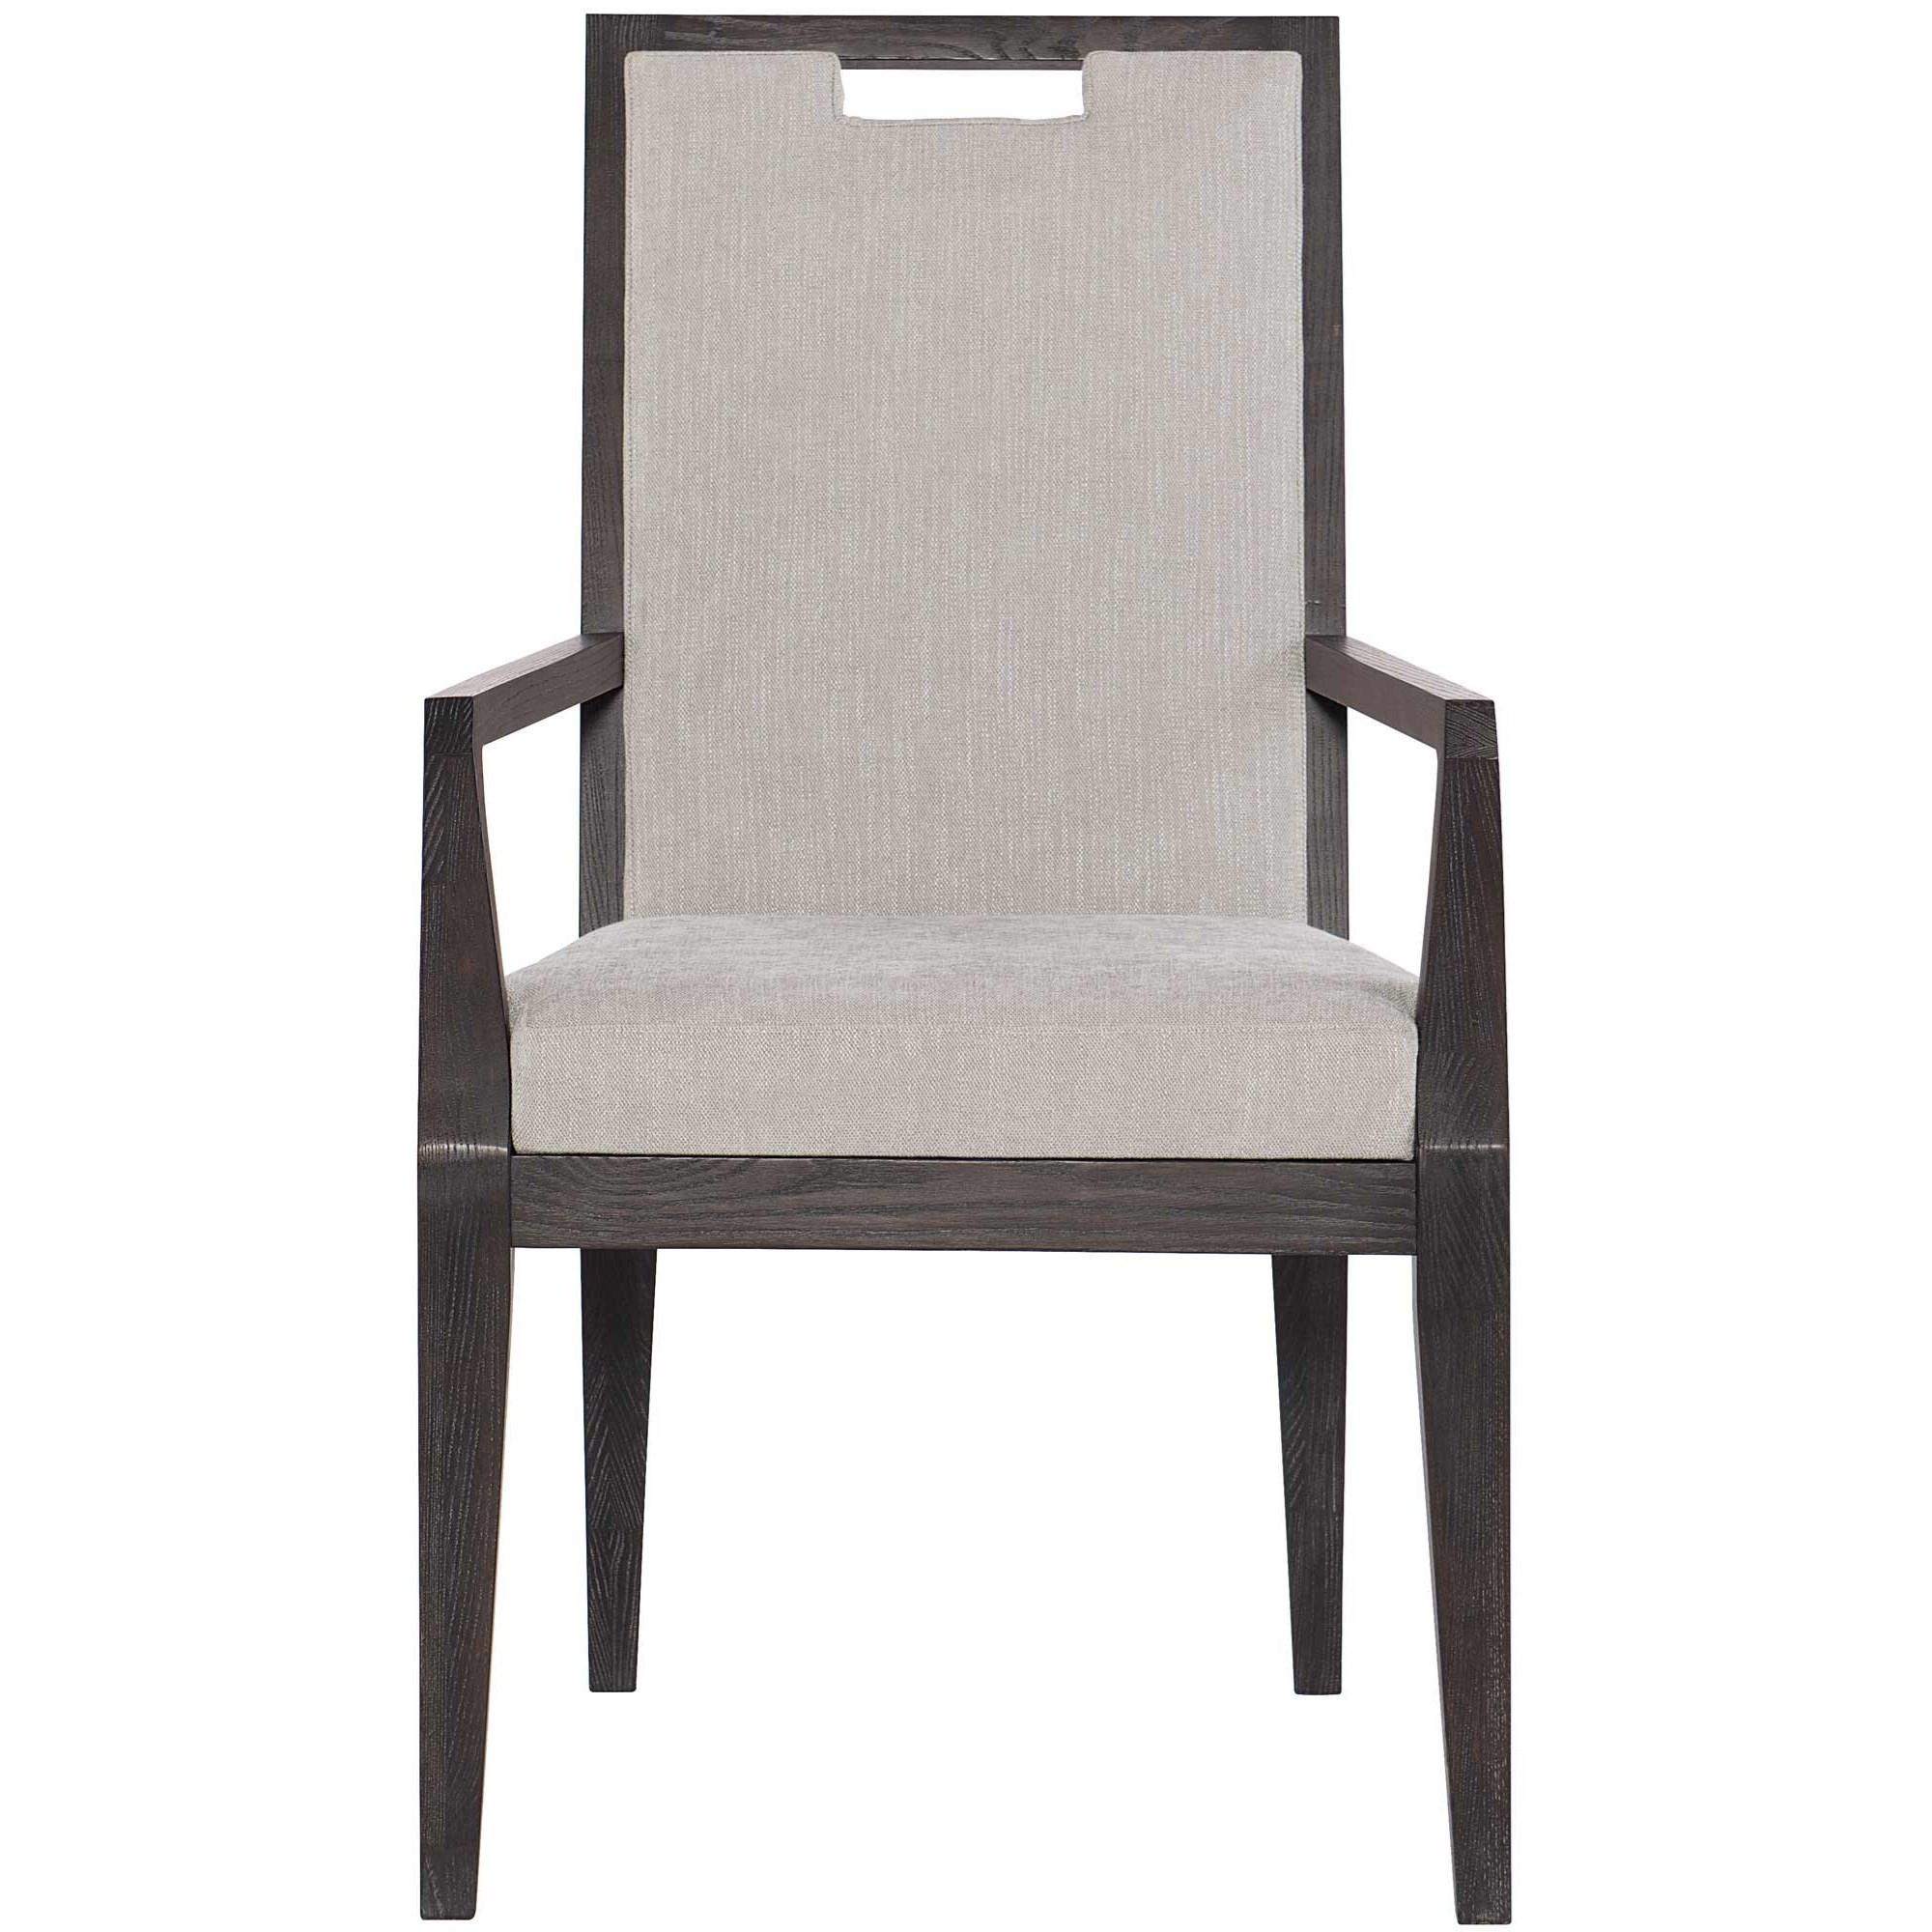 Decorage Arm Chair by Bernhardt at Baer's Furniture